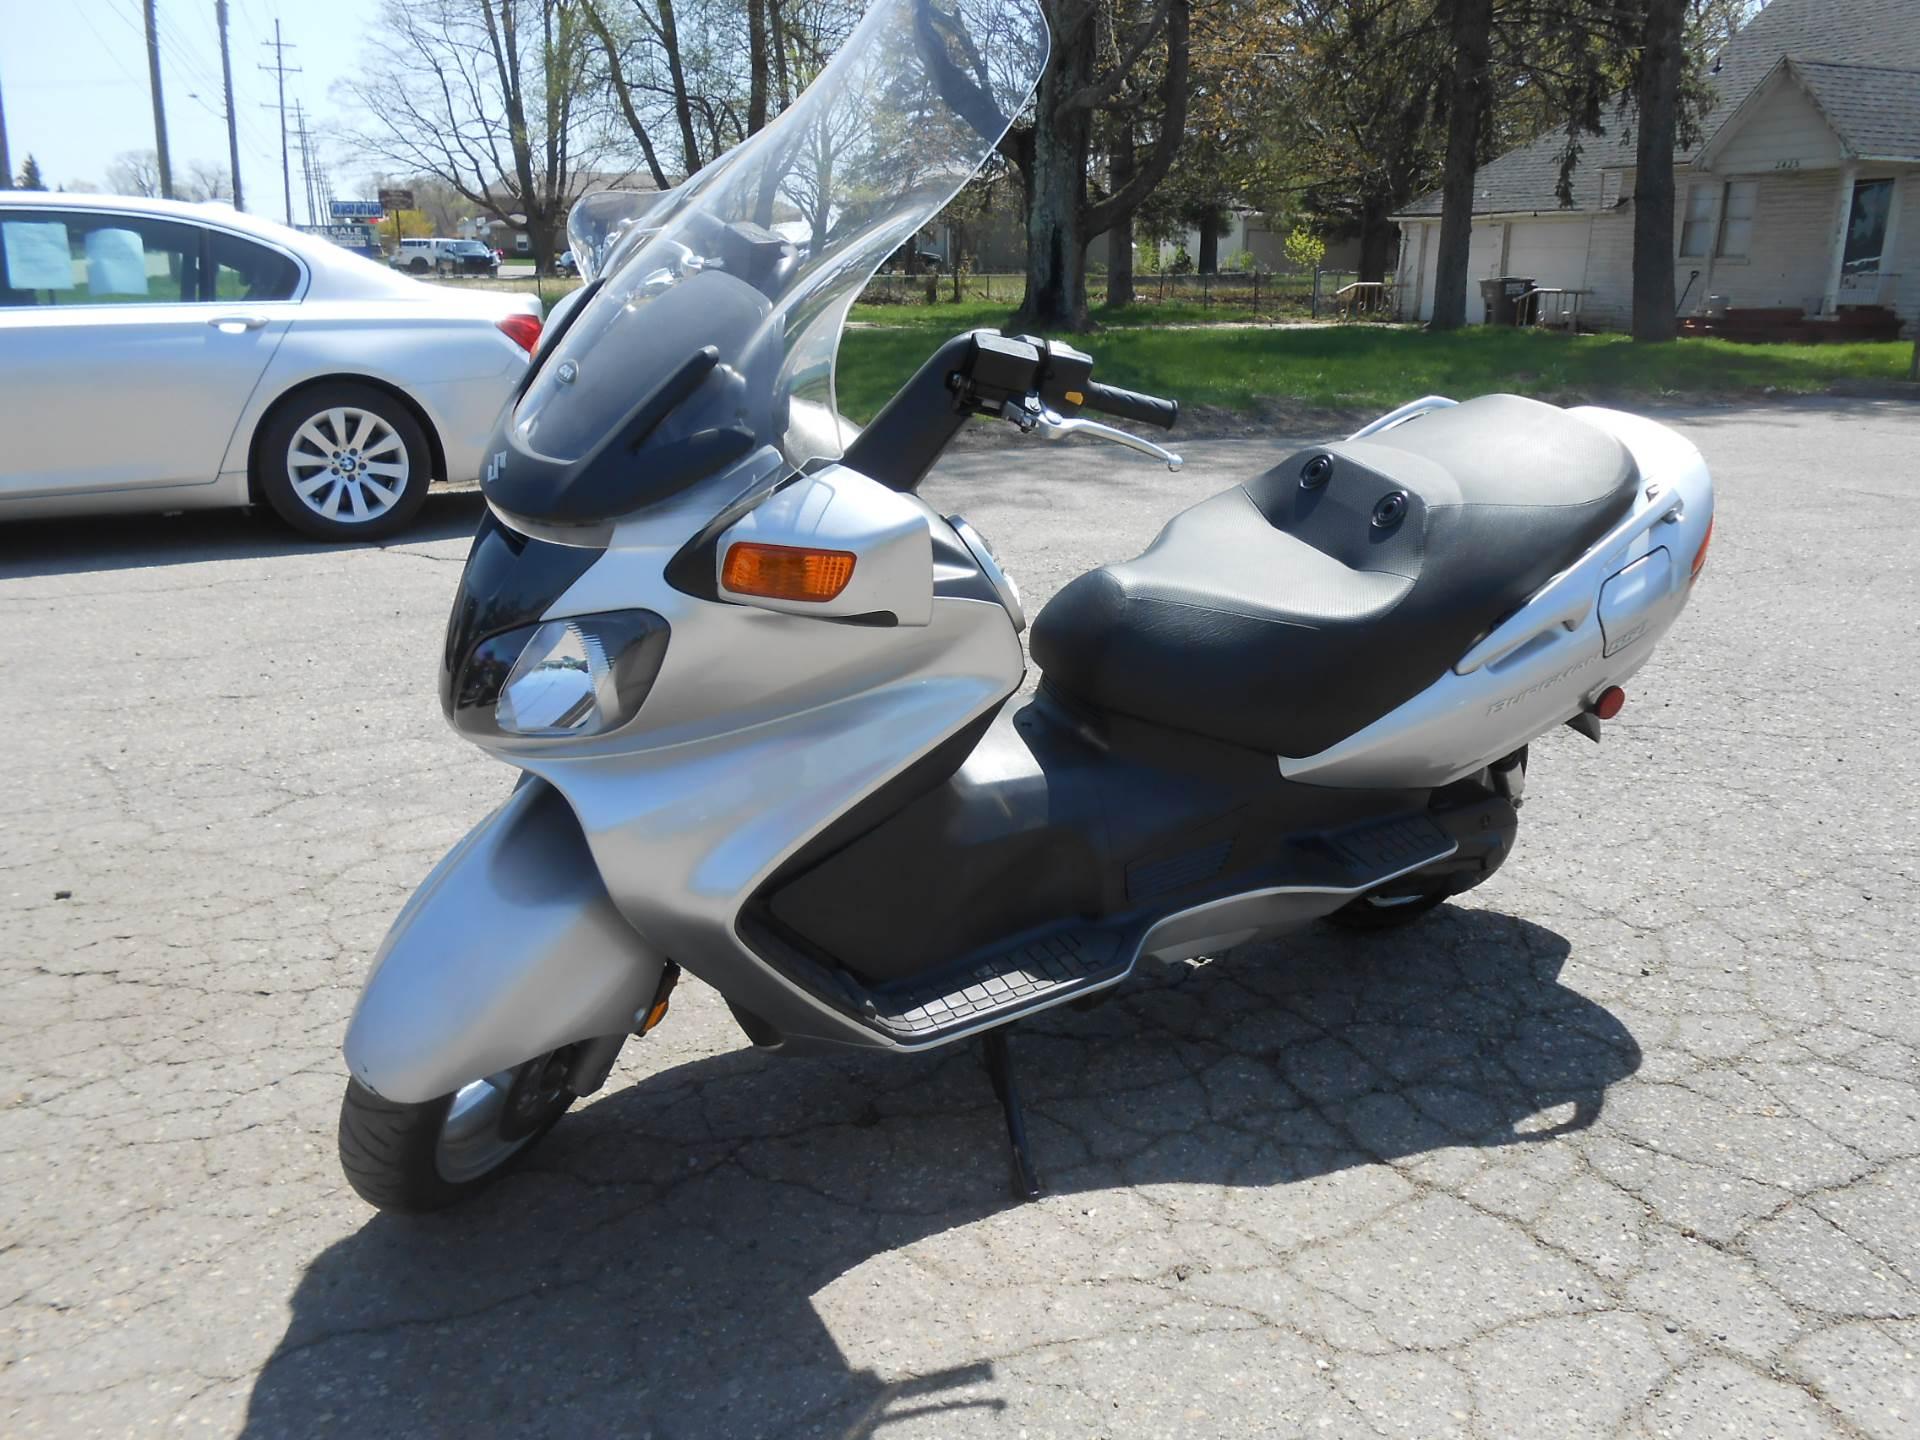 2004 Burgman 650 (AN650)